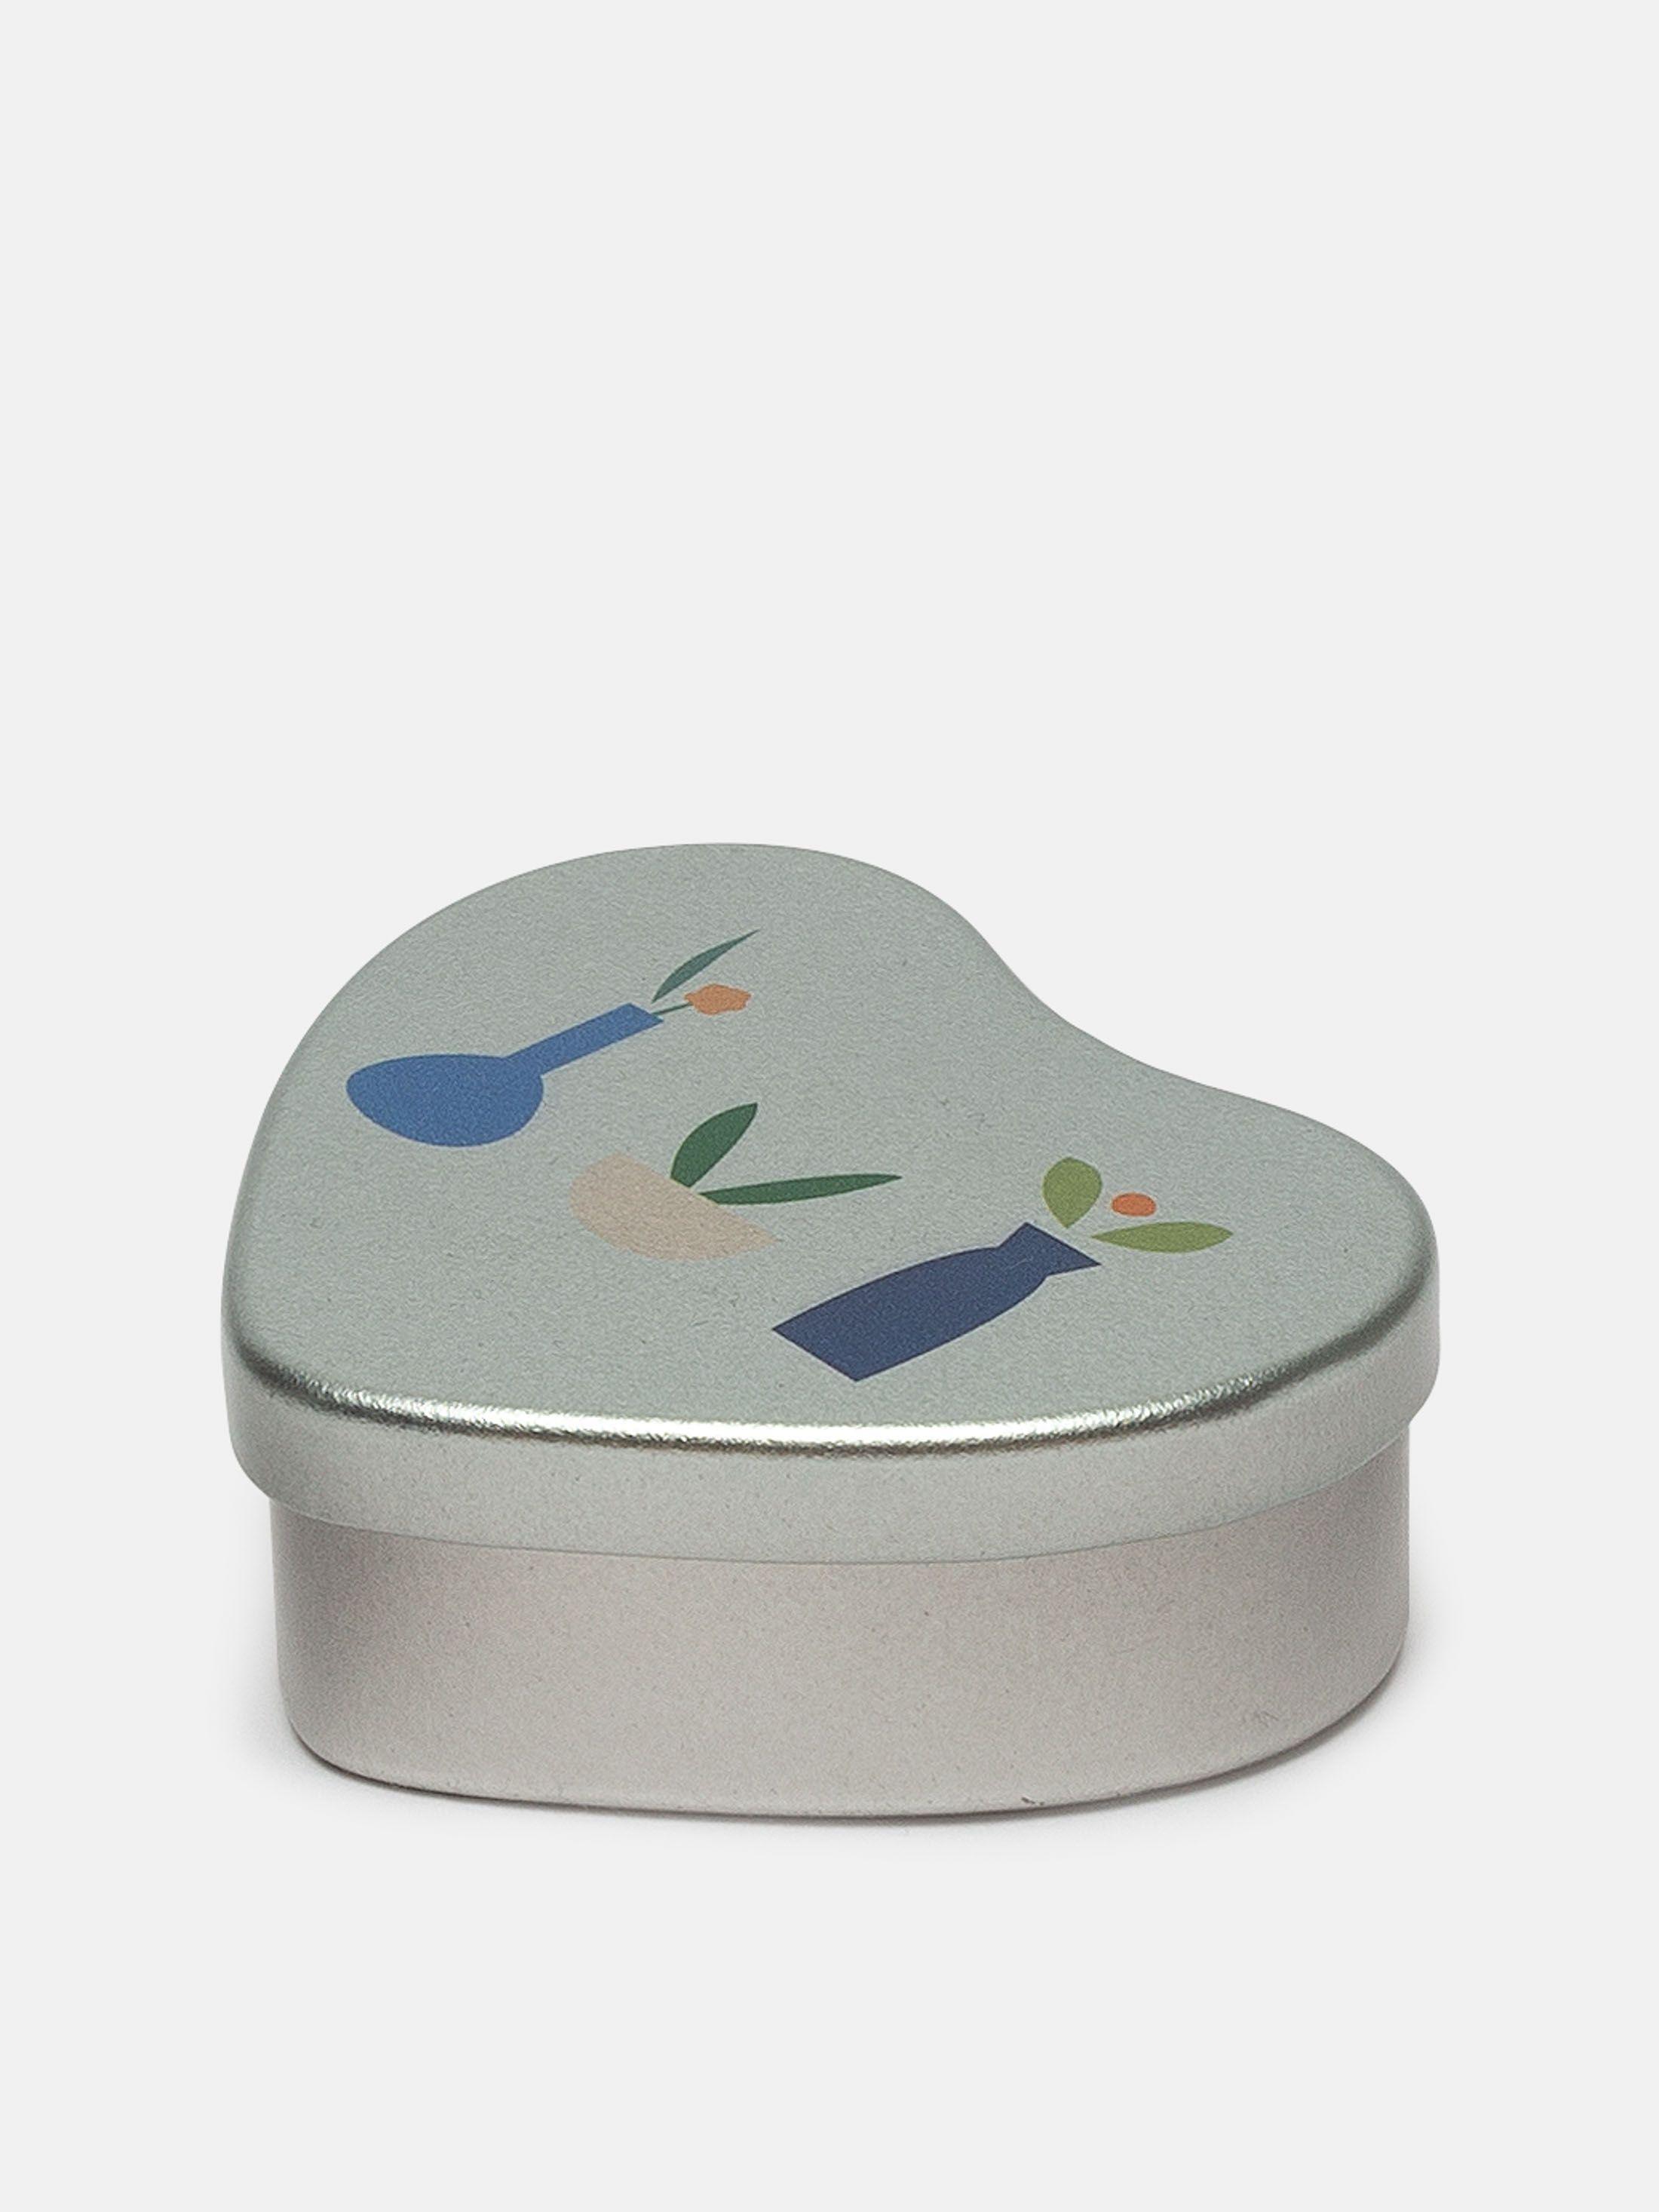 scatola cuore personalizzata